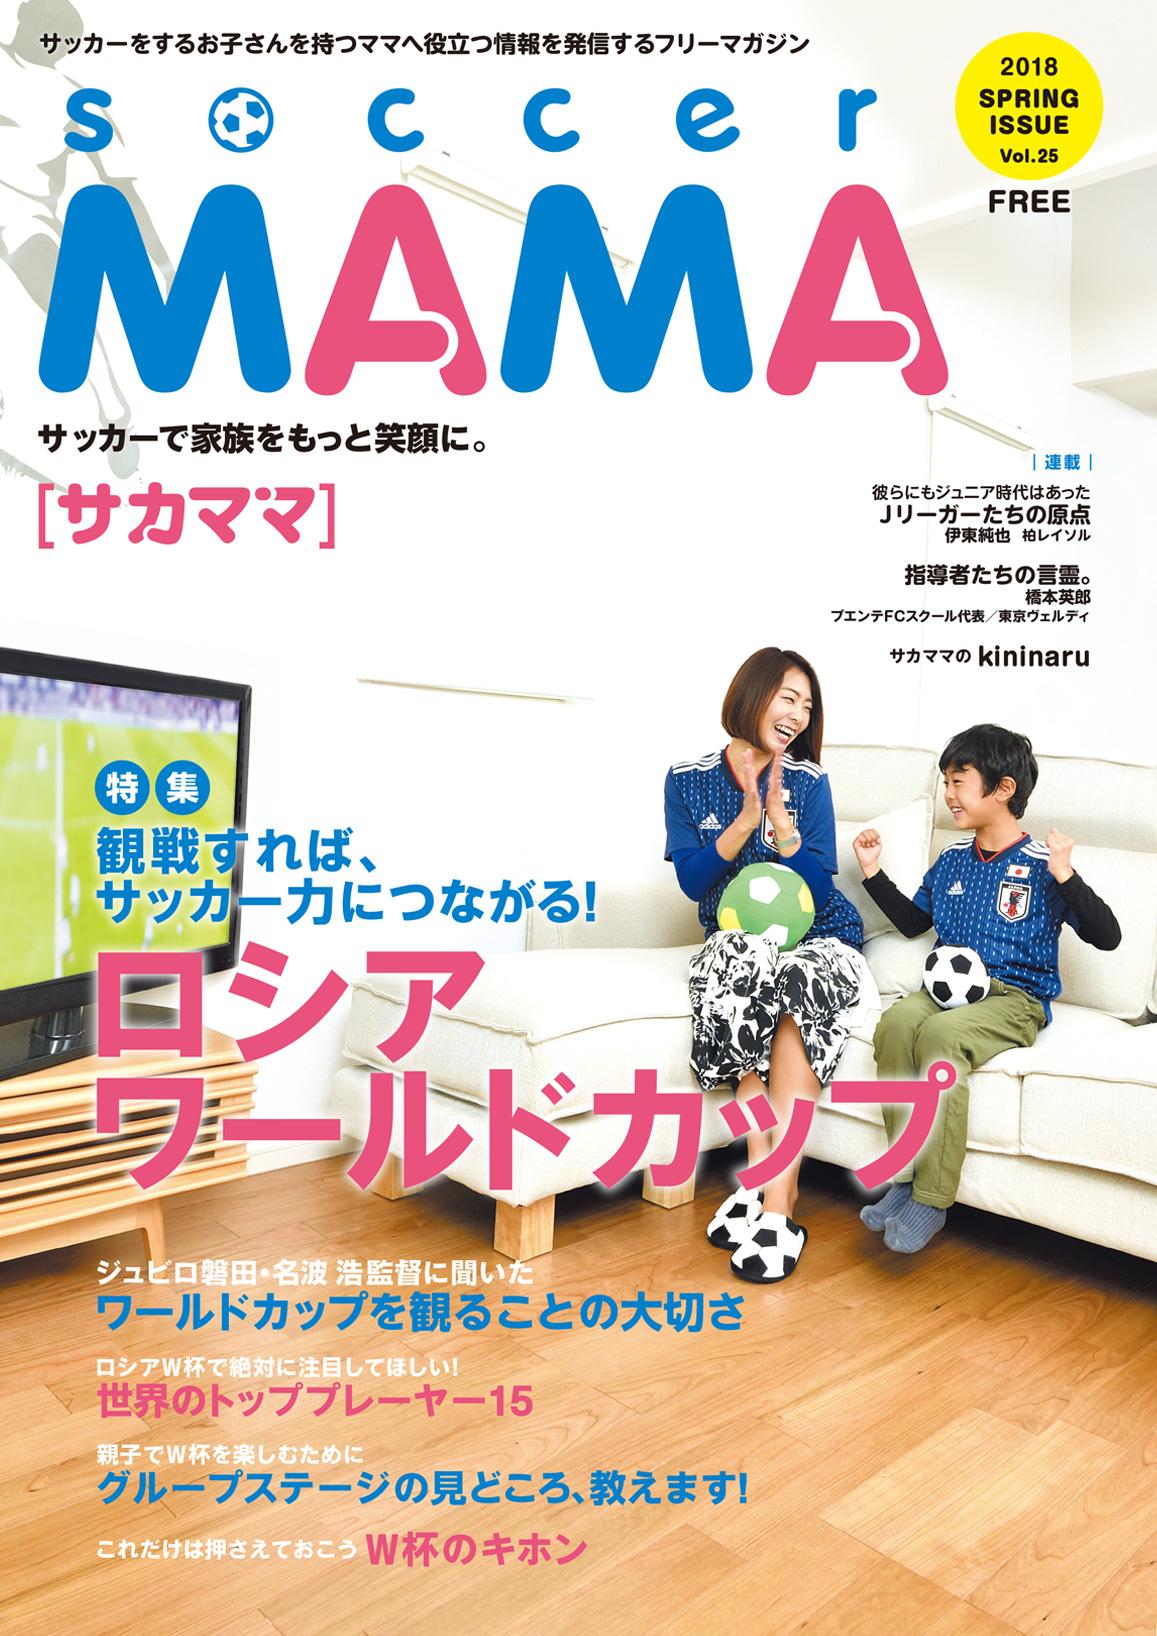 サカママ Vol.25 2018 SPRING ISSUE (2018年4月発行)